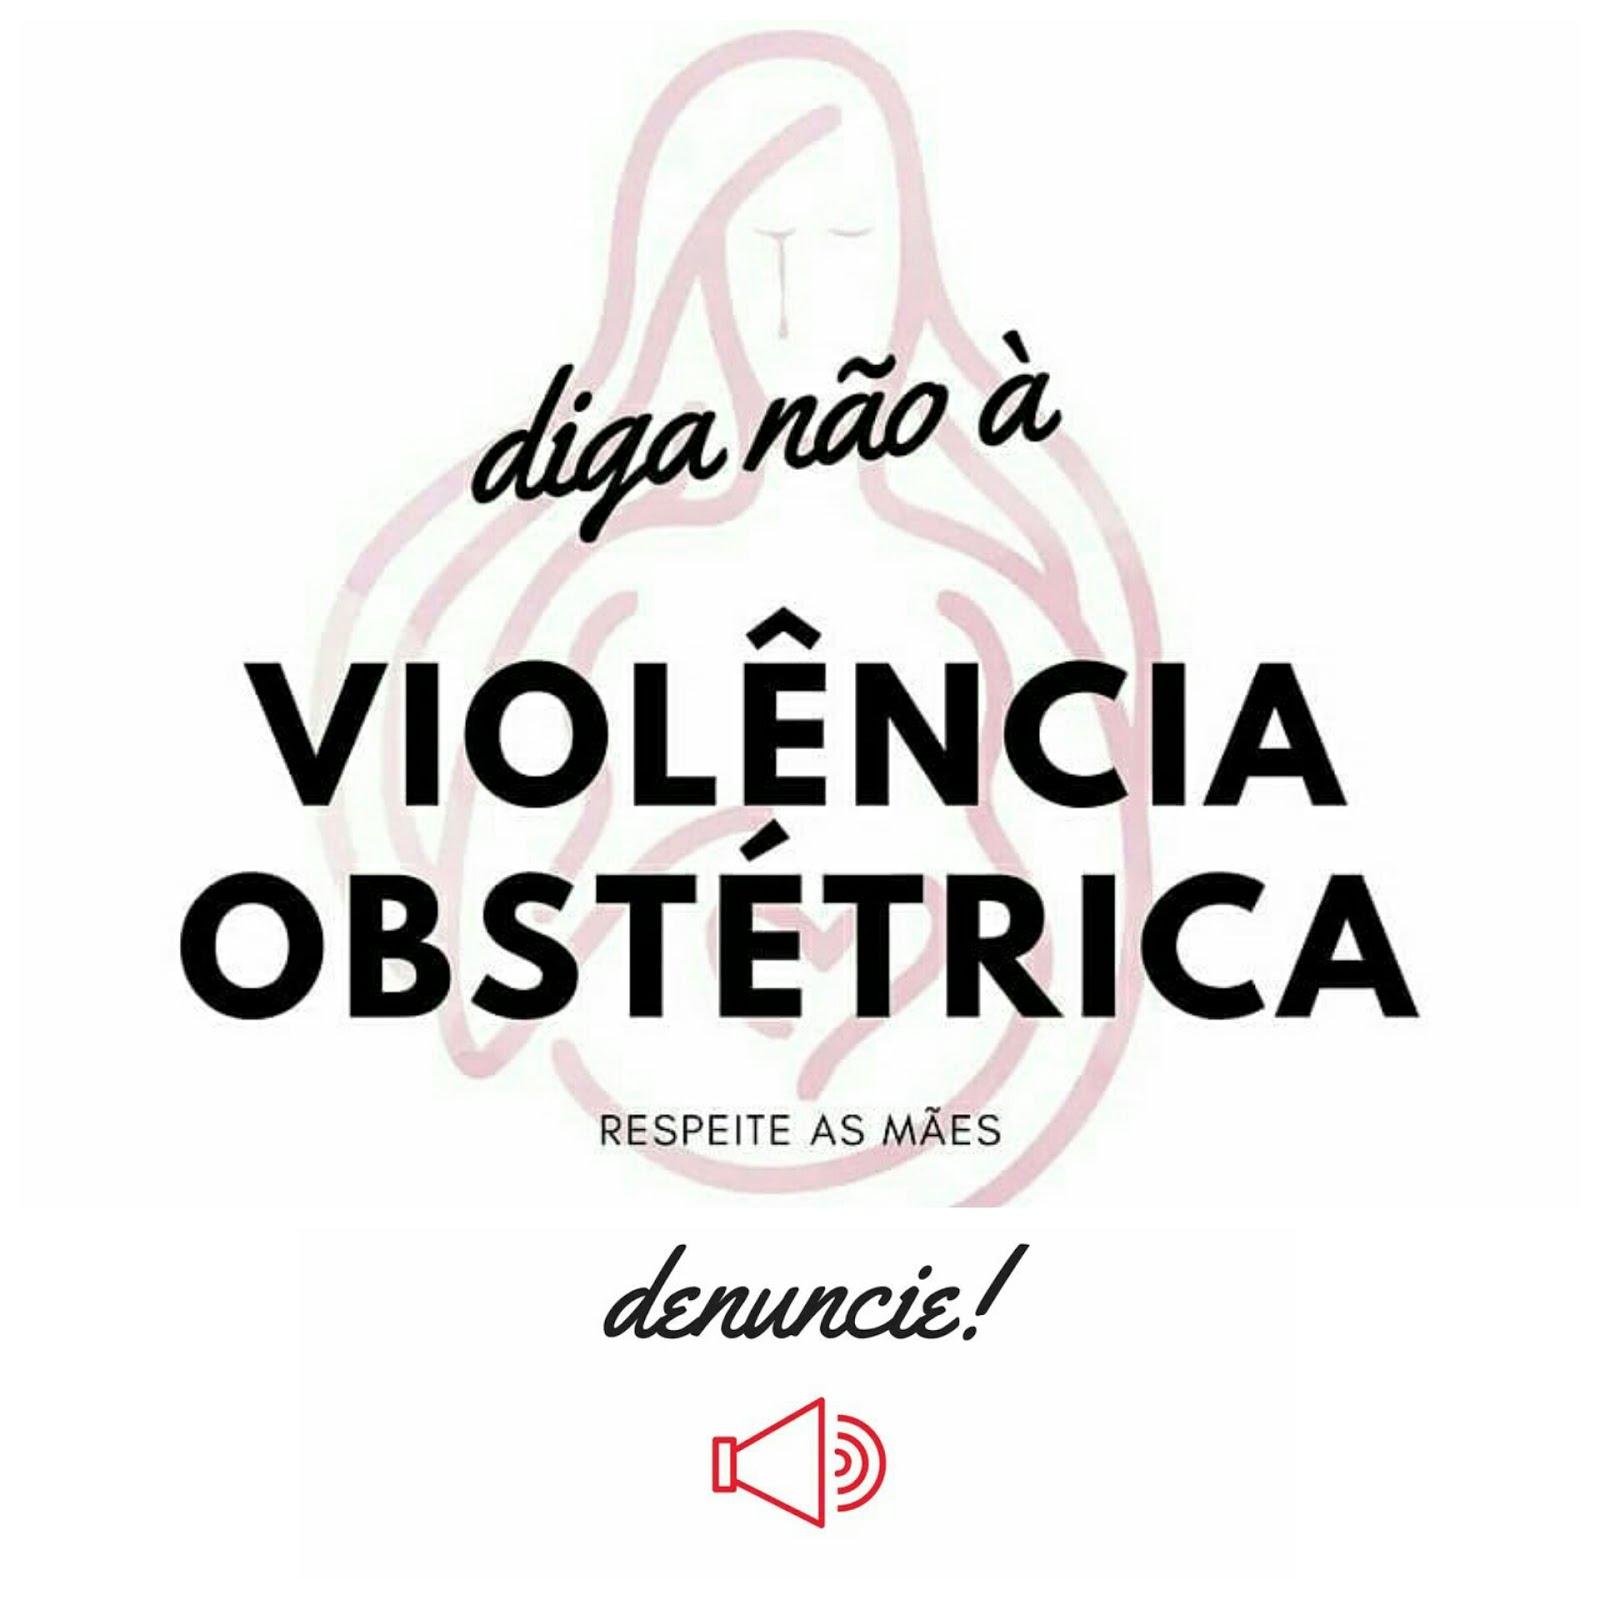 Como denunciar violência obstétrica: